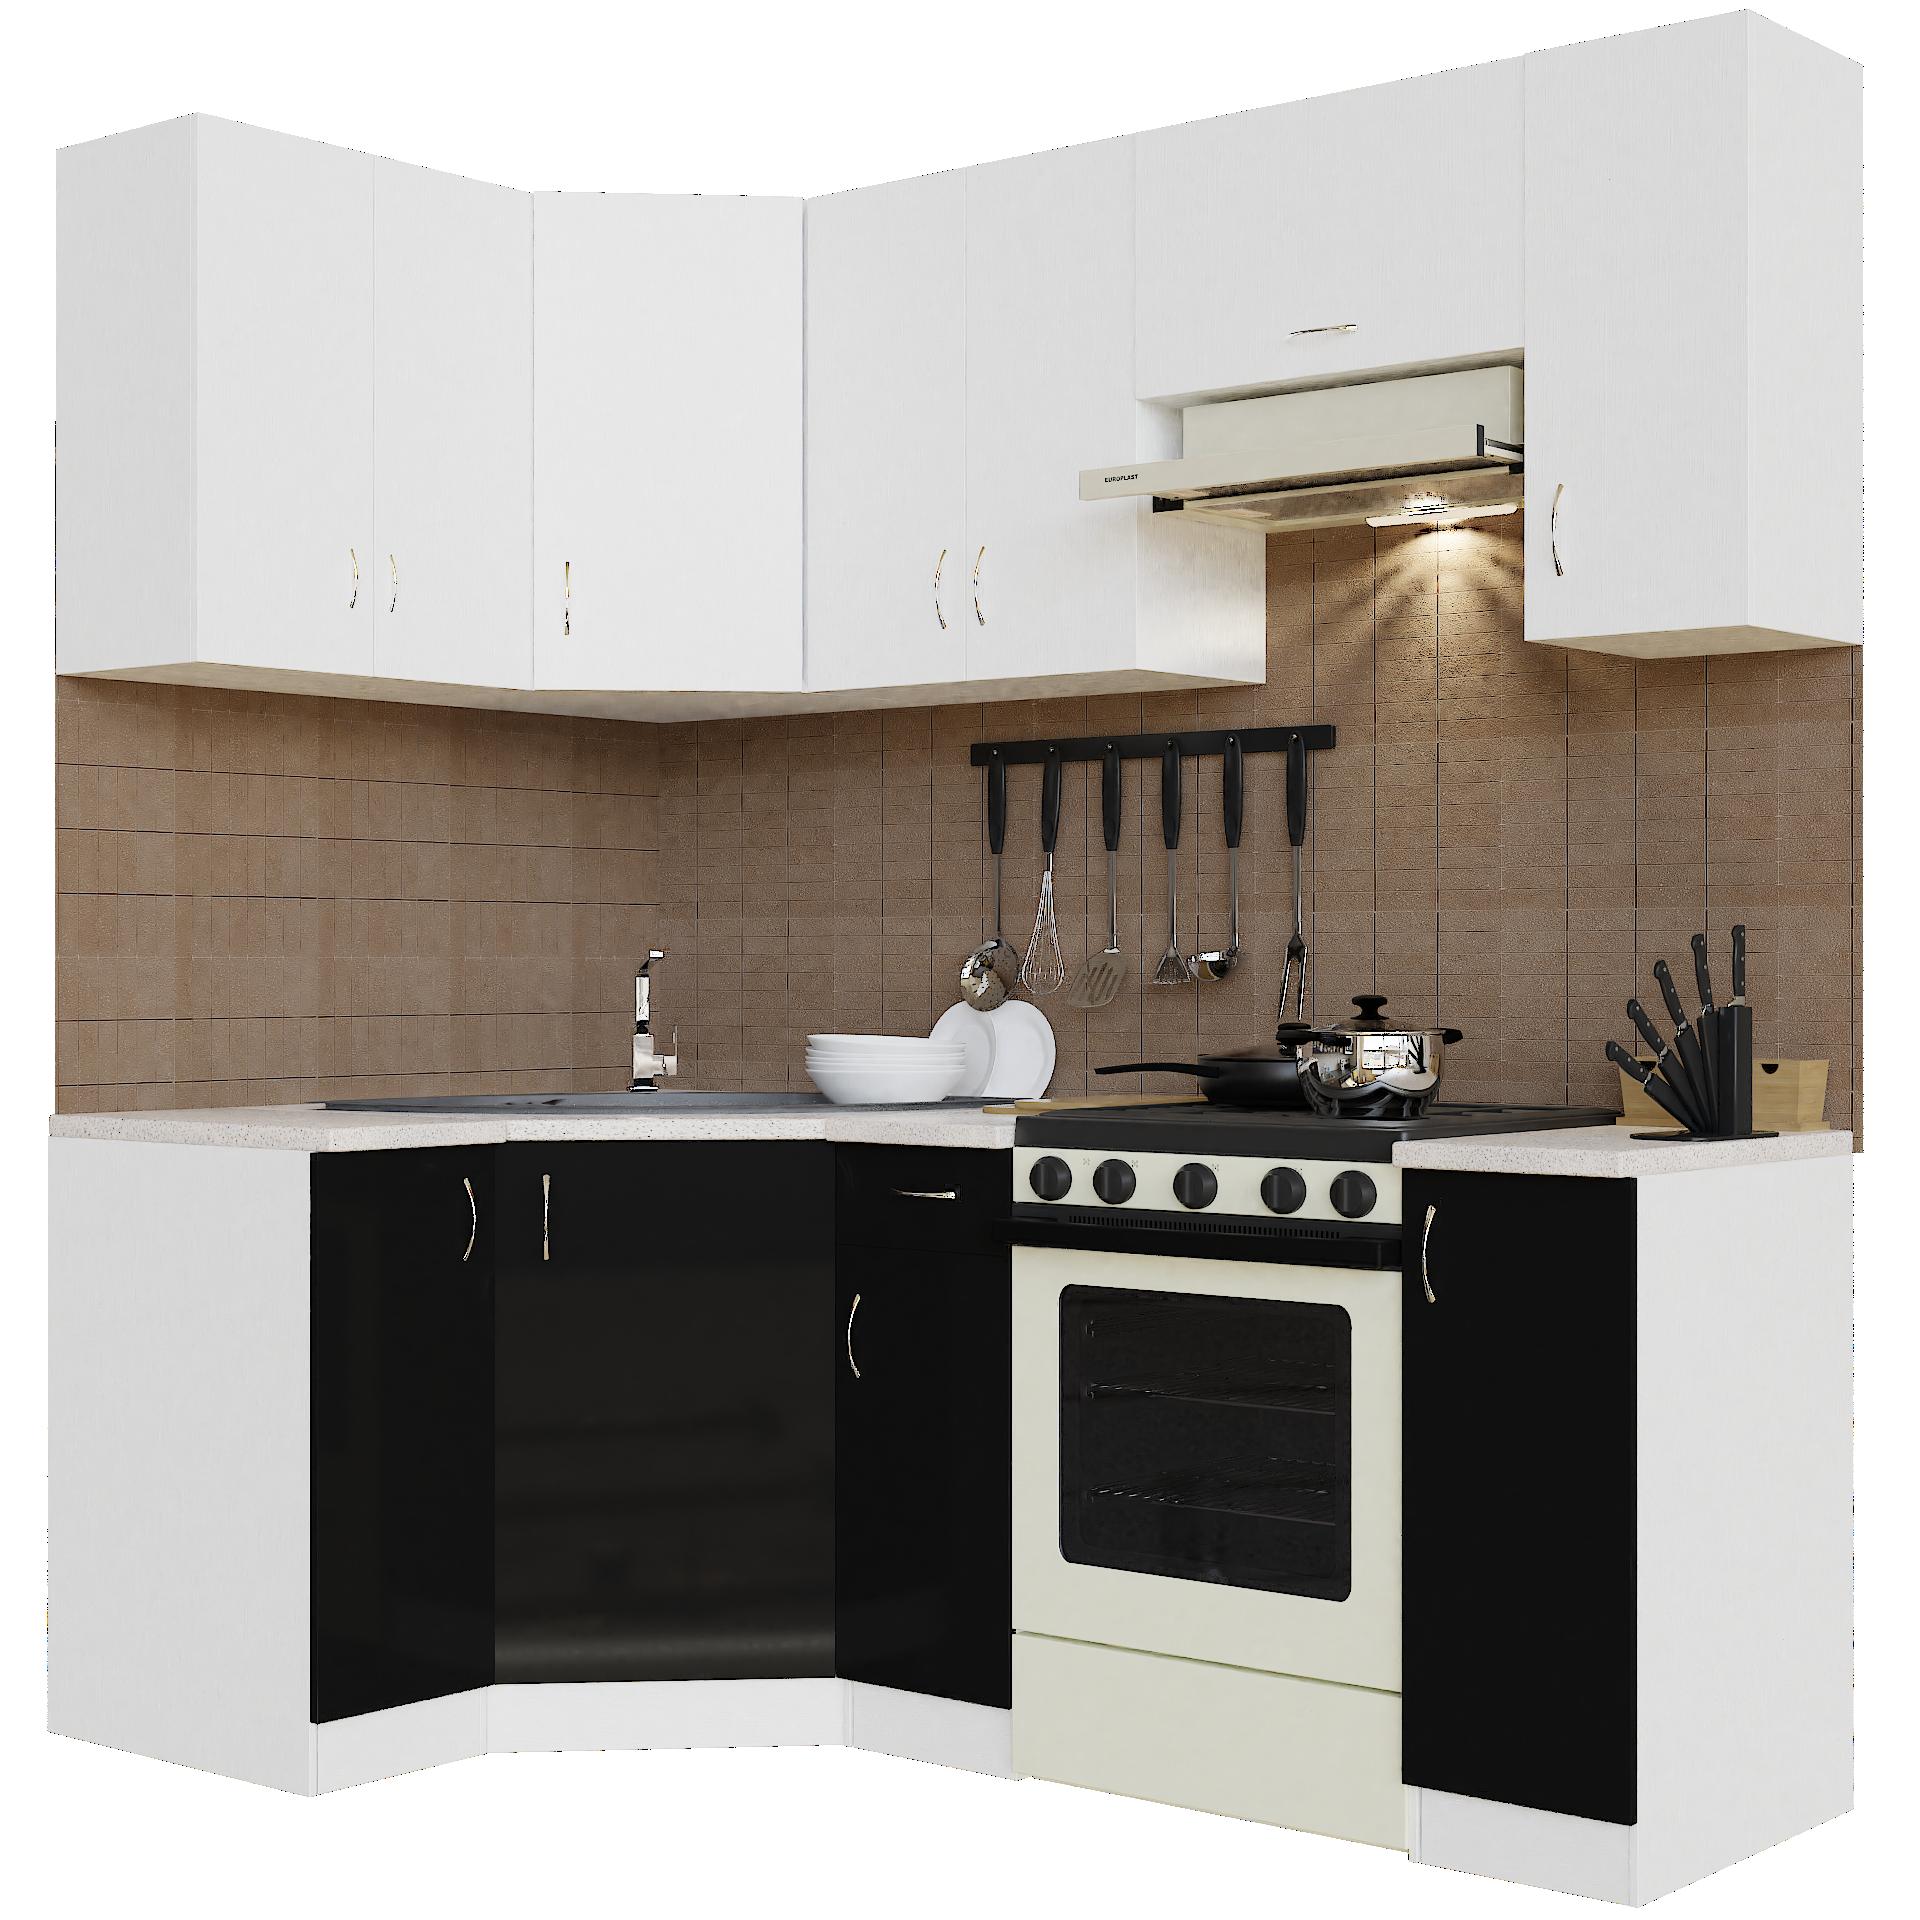 Кухонный гарнитур угловой Sanvut ГКУ2100-5.5_7.2 Белый / Черный (гренобль)